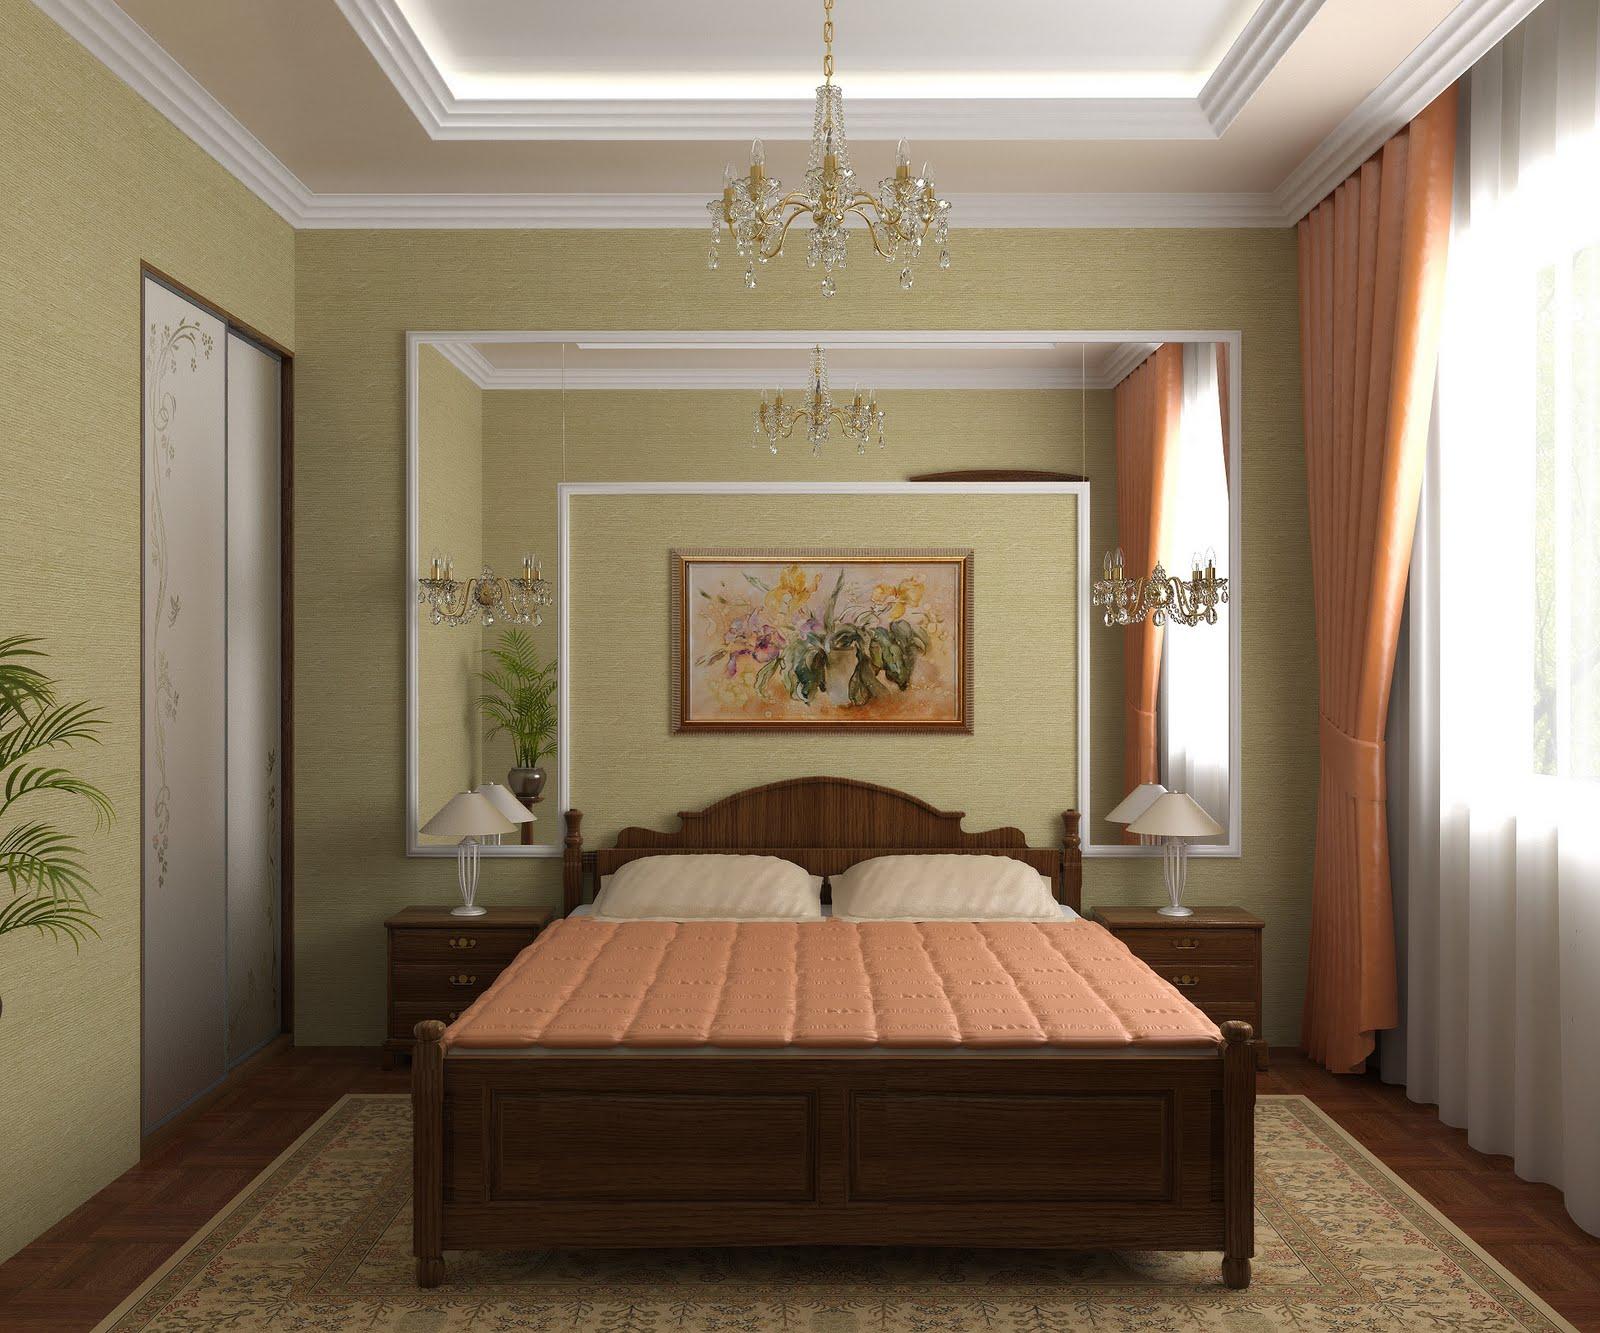 Интерьер потолка спальни фото